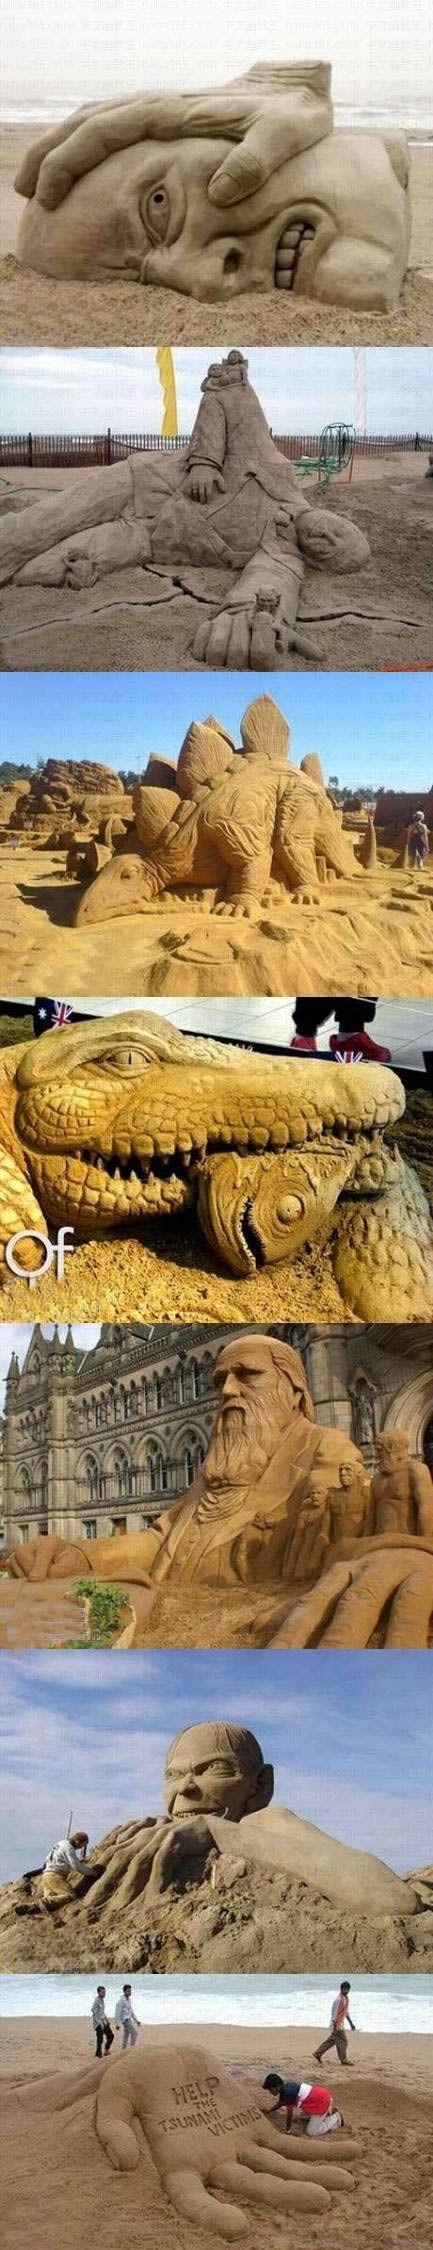 沙雕太艺术了